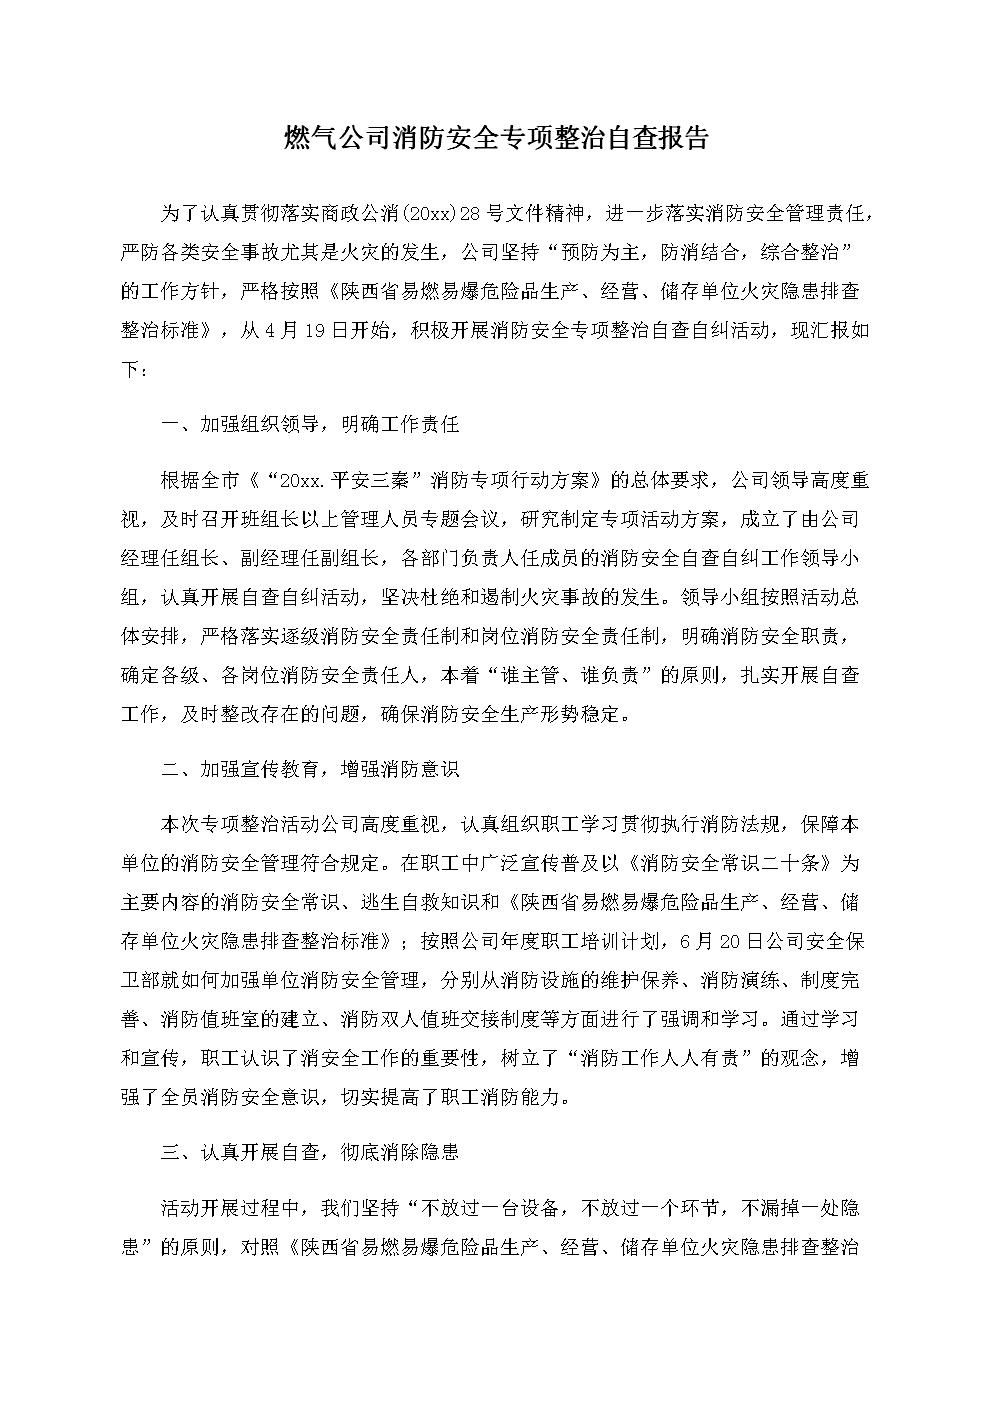 燃气公司消防安全专项整治自查报告.docx